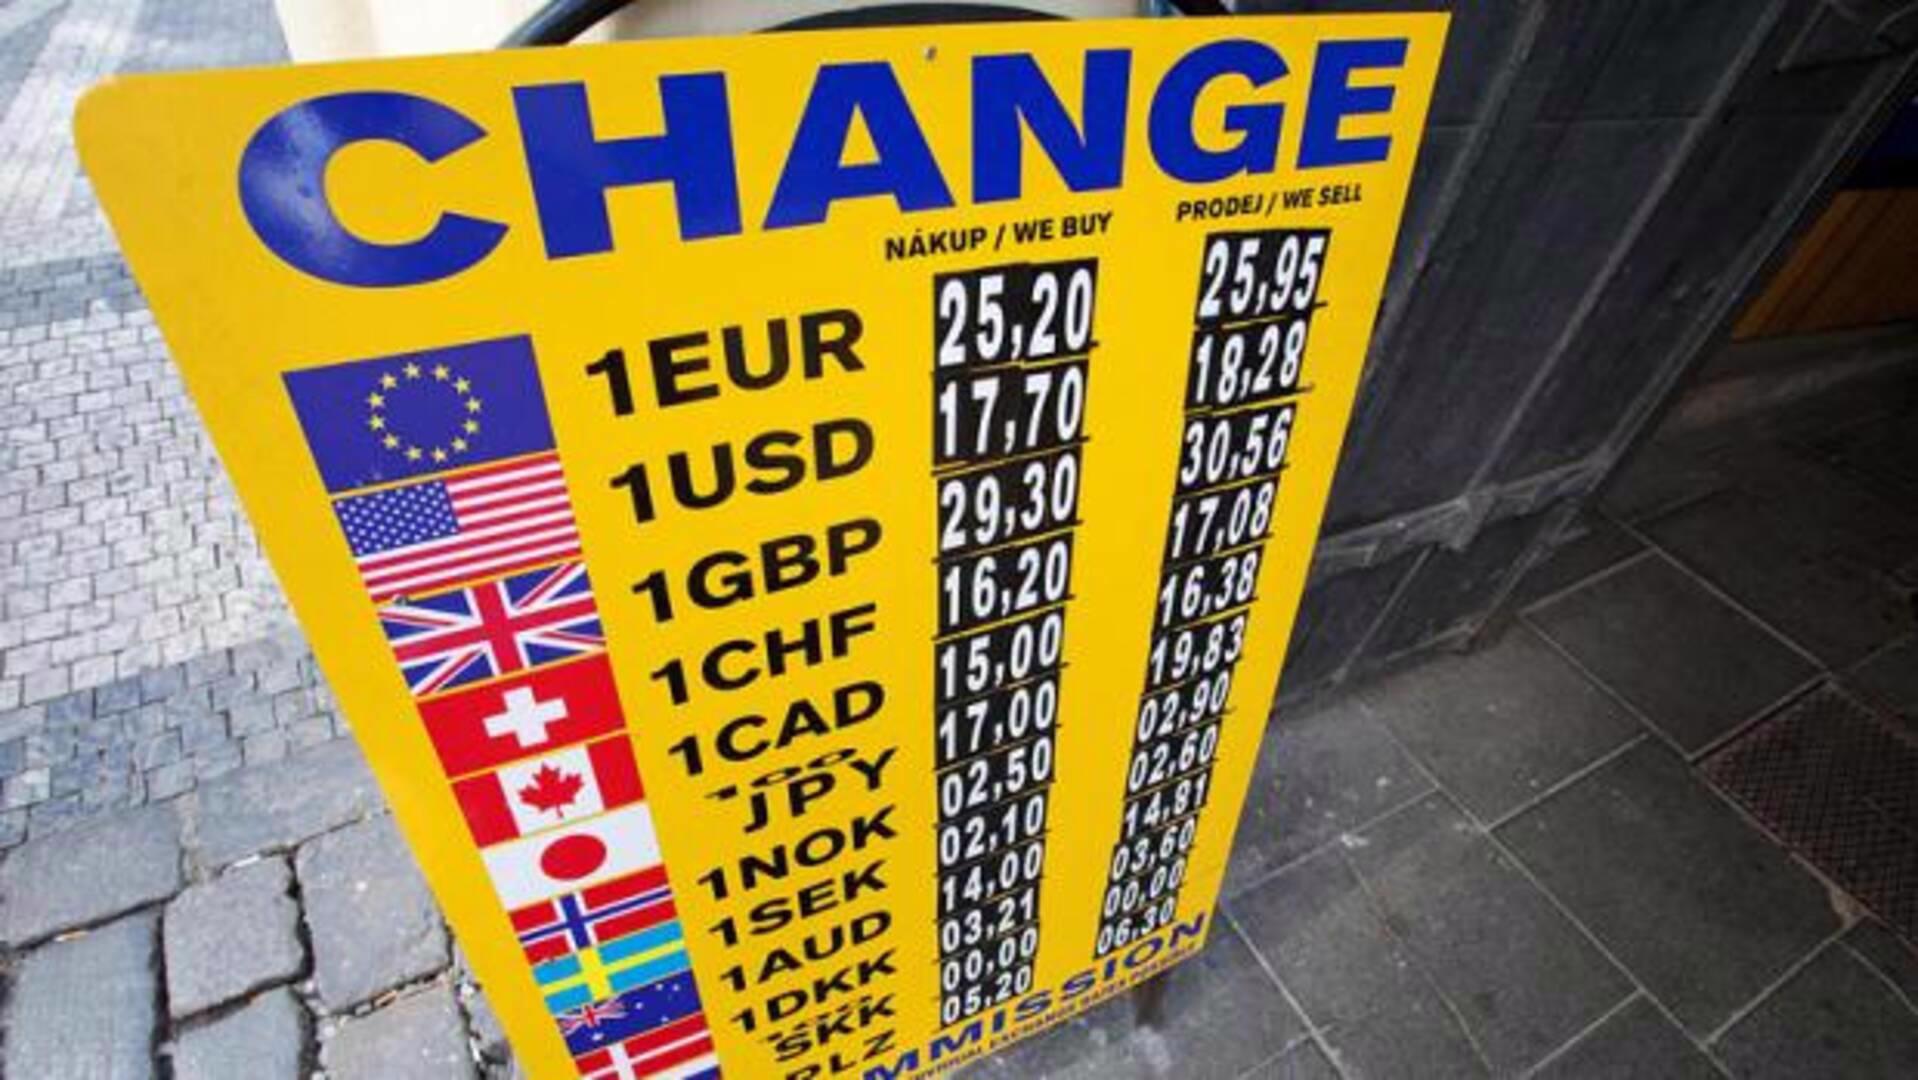 Prodej směnárny - foto 1